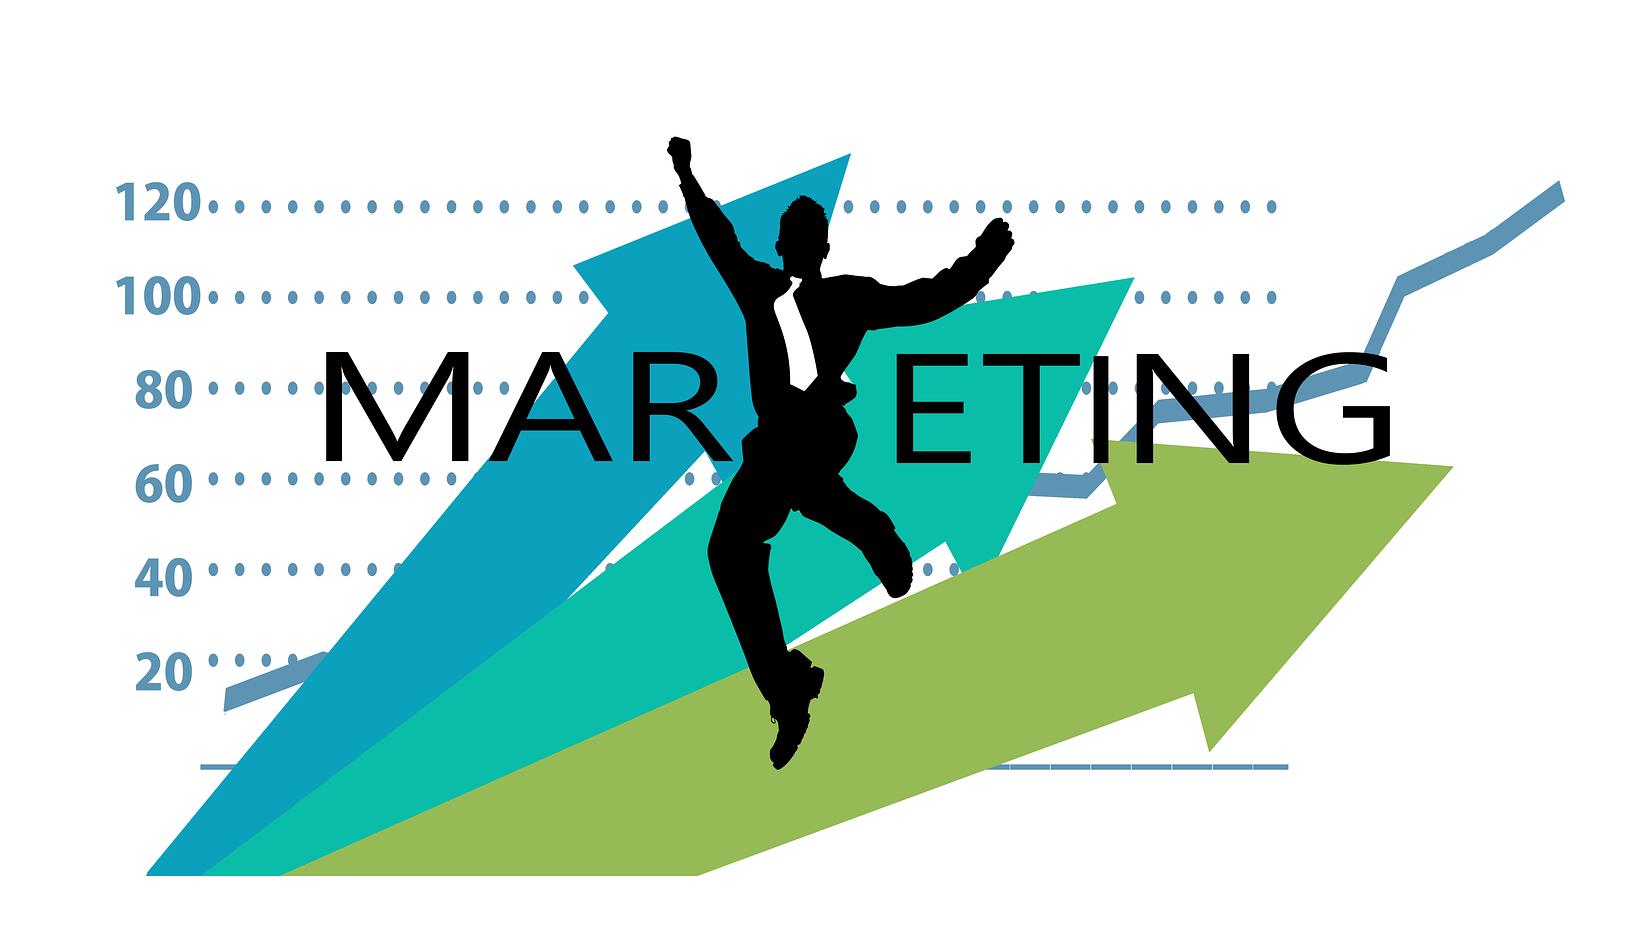 Marketing - Budgets Vs ROI Vs Resources